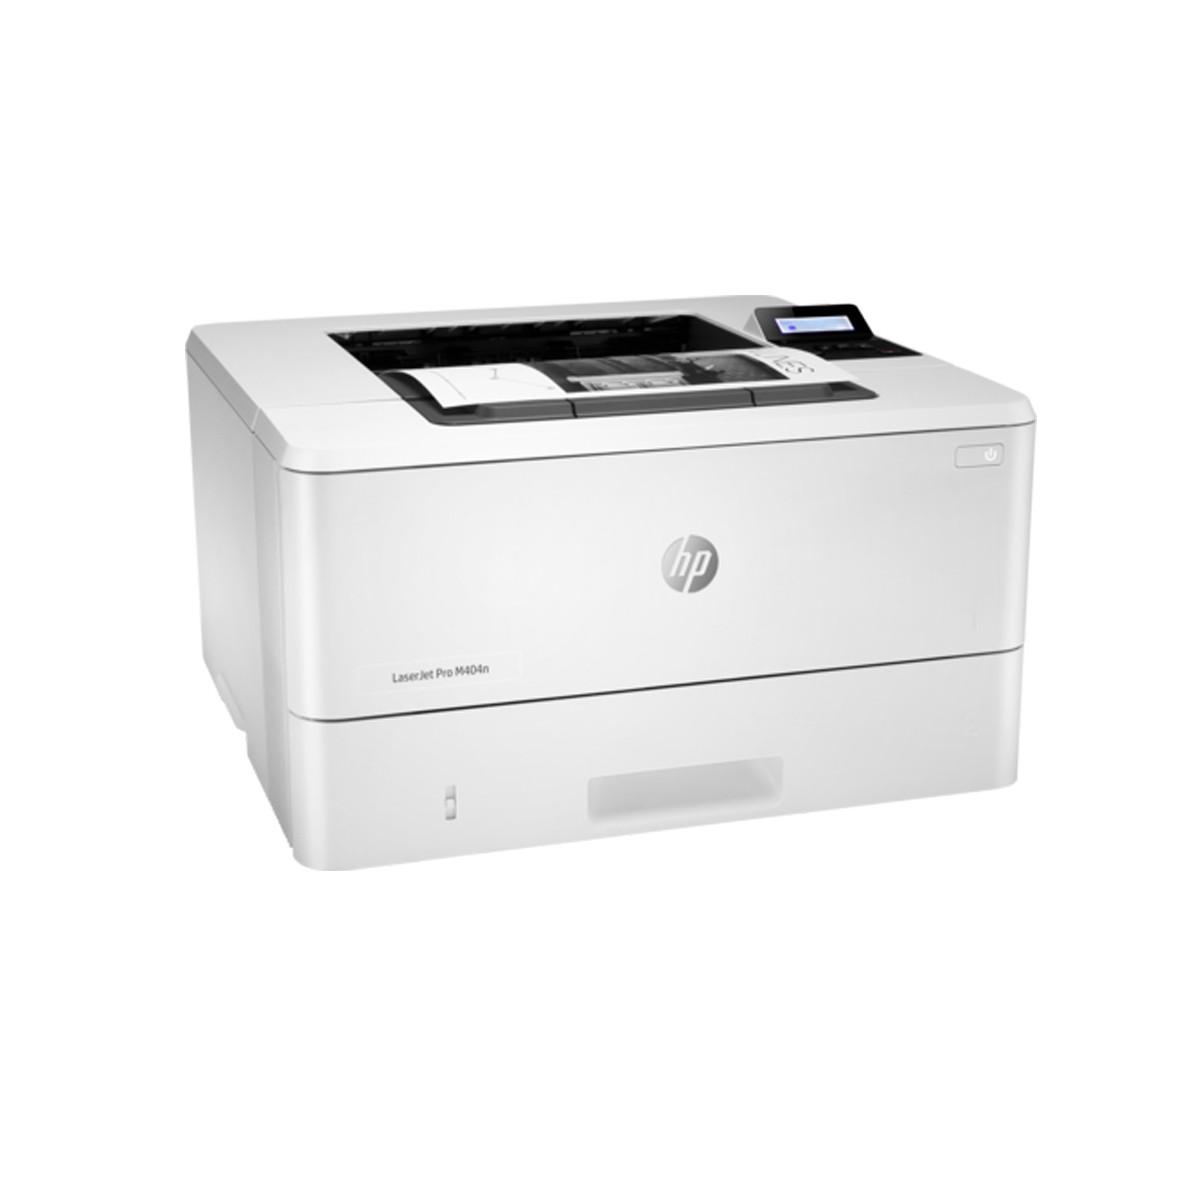 Impressora HP LaserJet Pro M404N W1A52A com Conexão USB